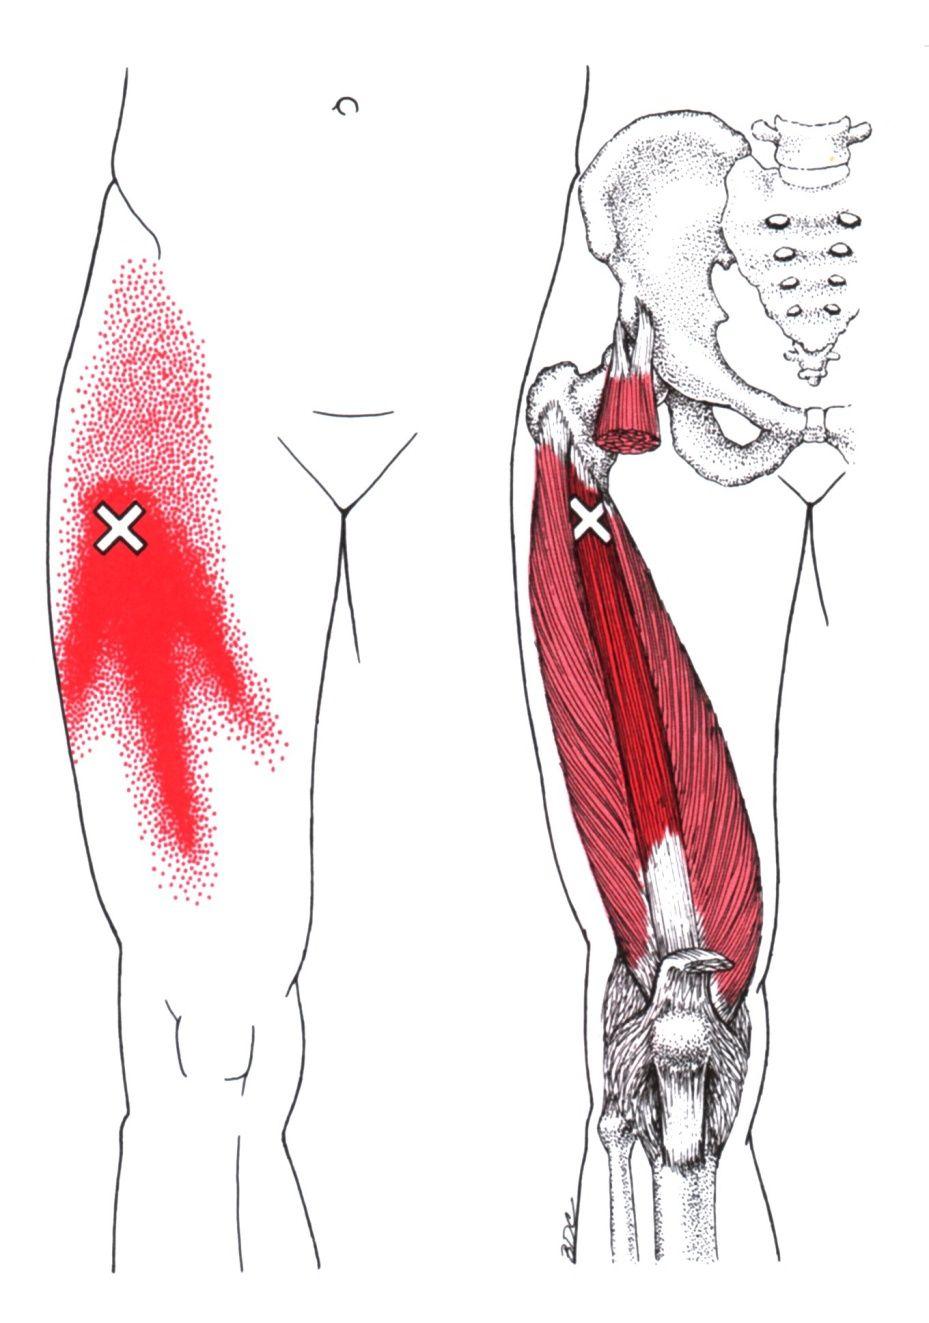 VASTUS INTERMEDIUS | The Trigger Point & Referred Pain Guide ...